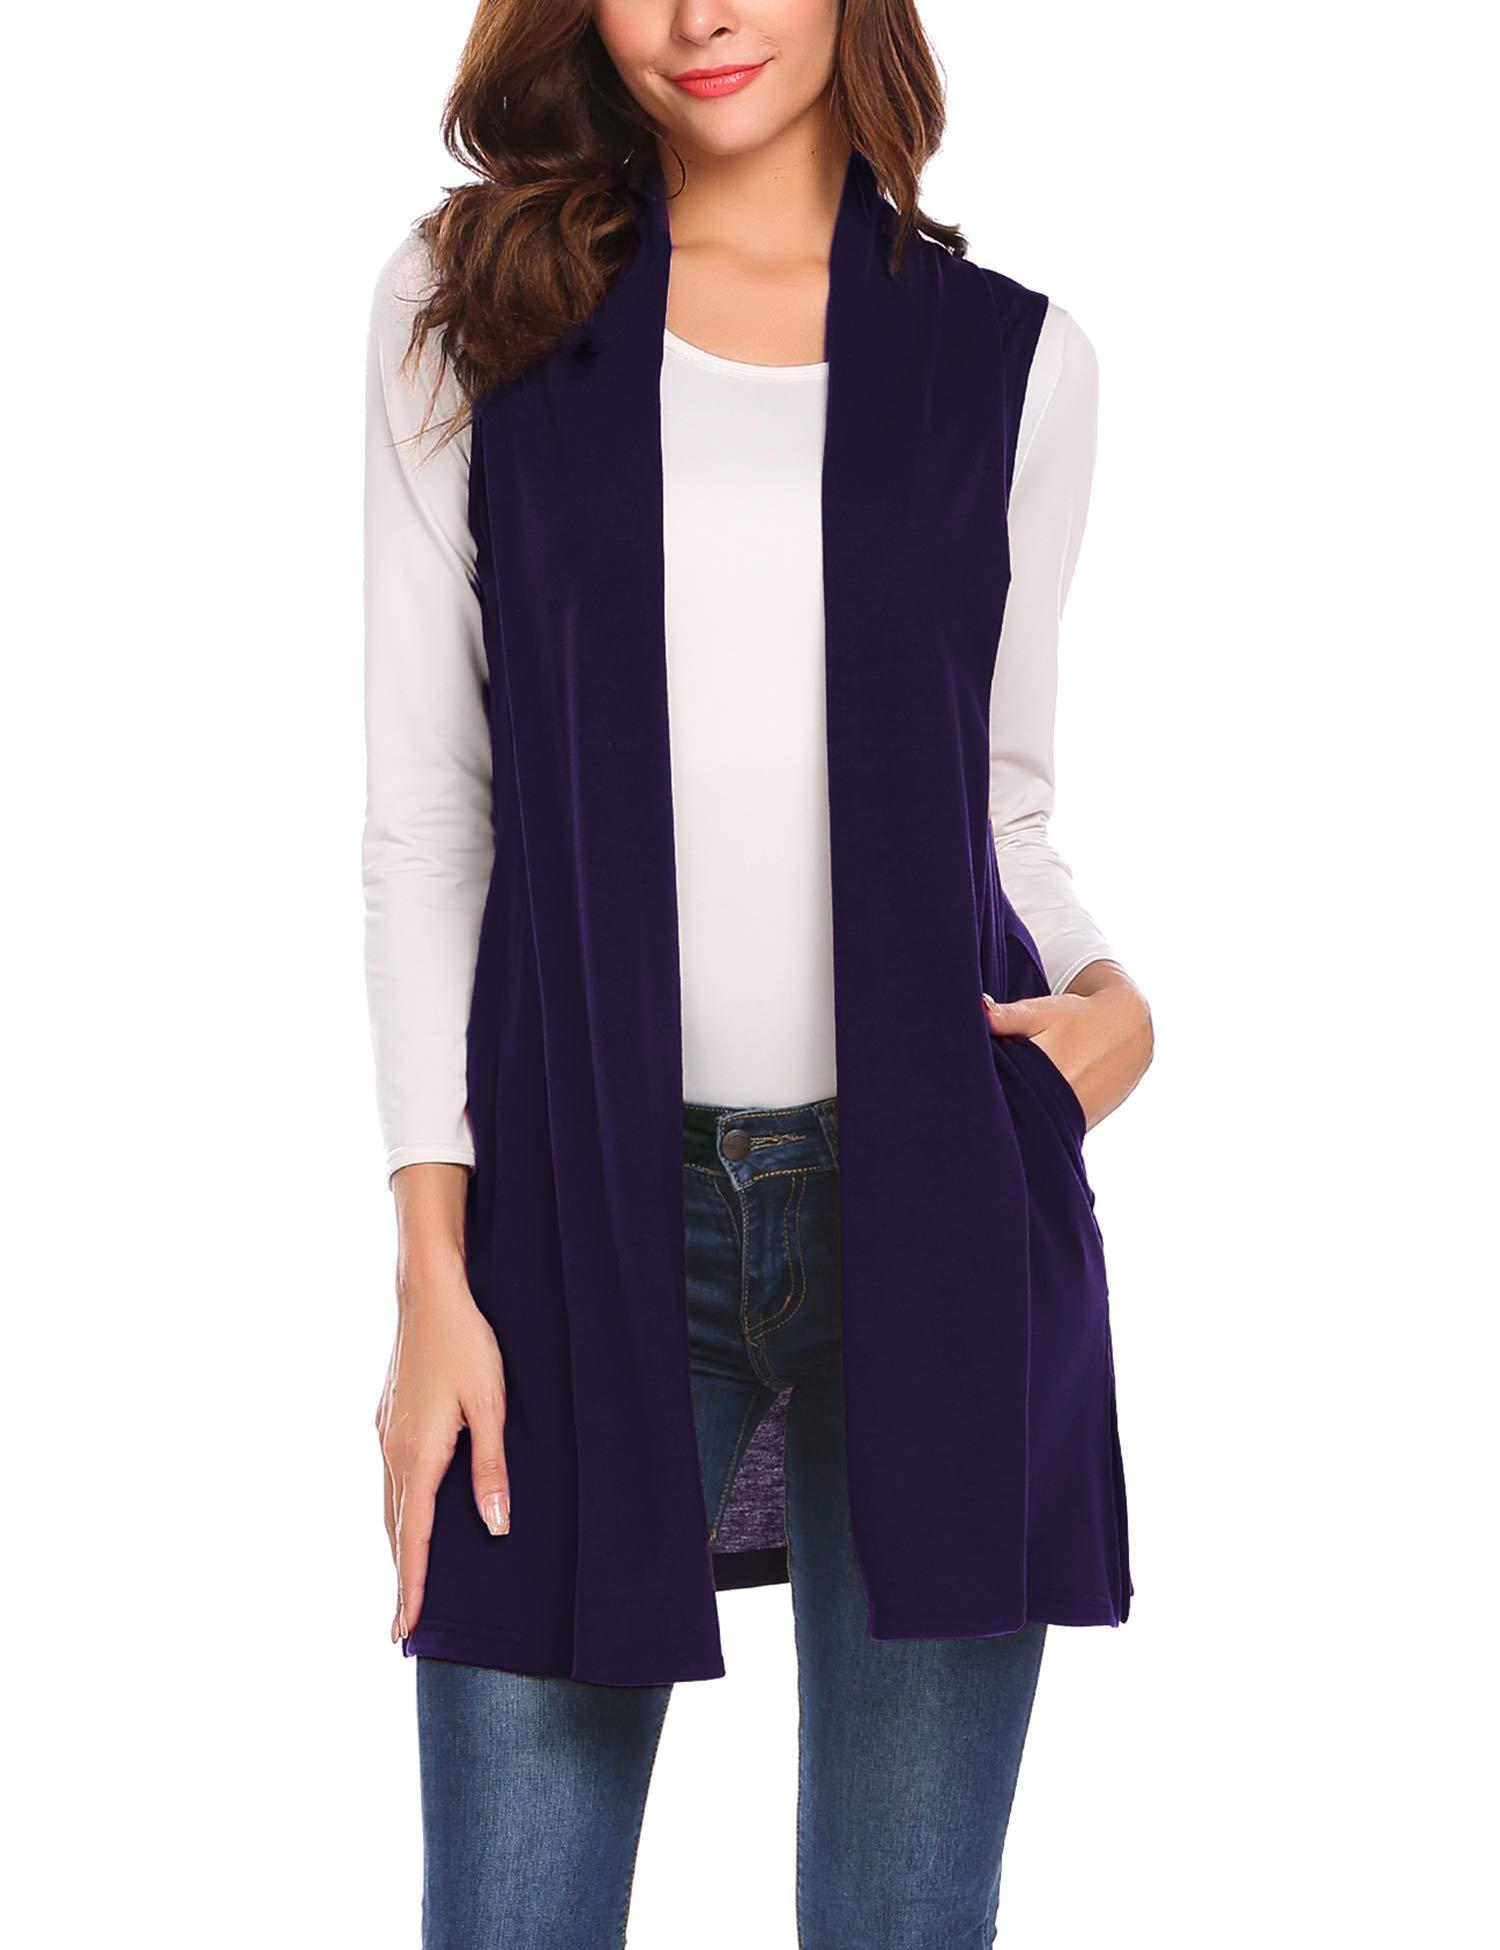 Beyove Womens Petite Long Vests Sleeveless Shawl Draped Open Front Knit Cardigan Purple L